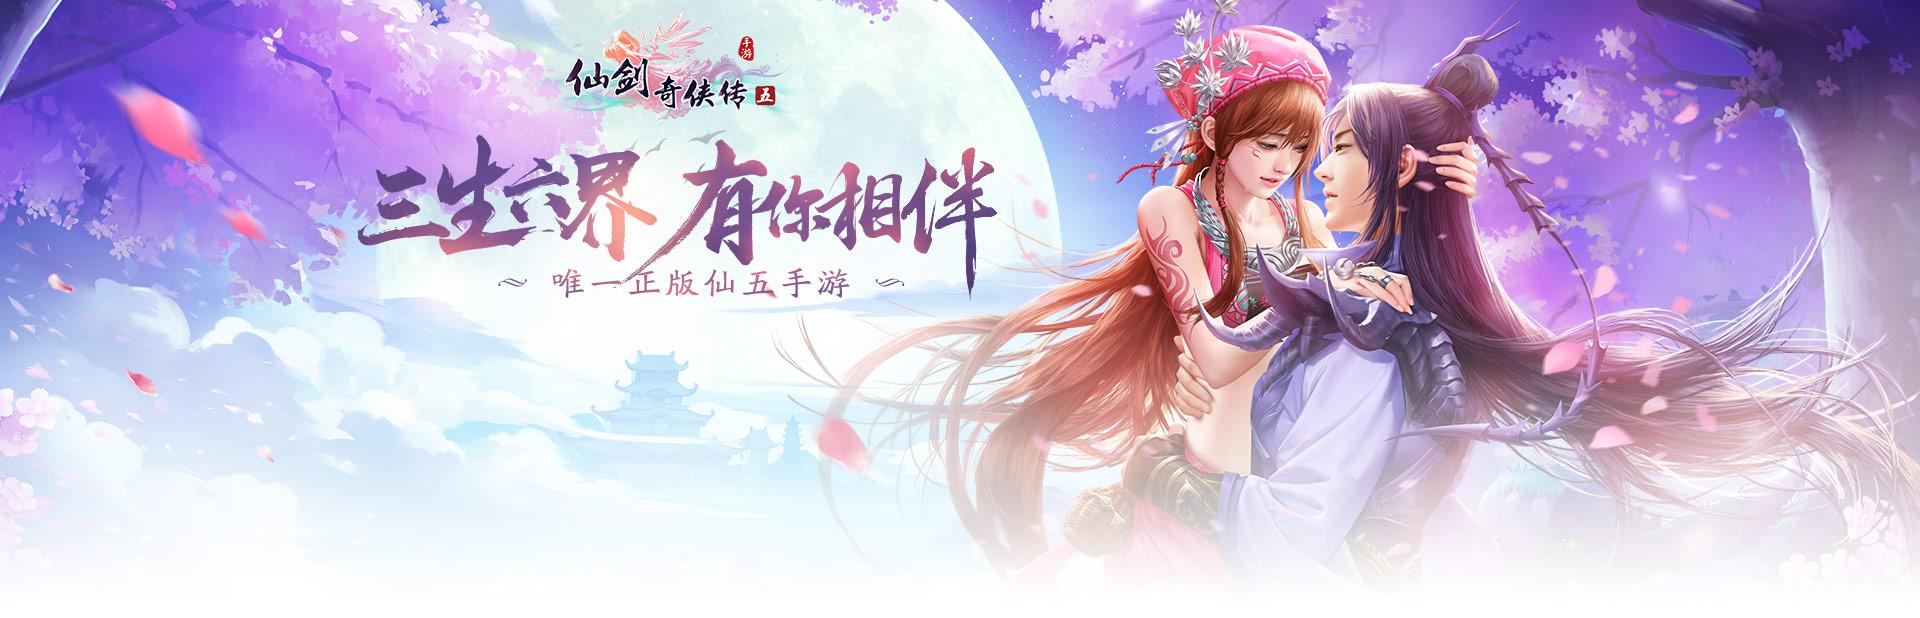 《仙剑奇侠传5》官网